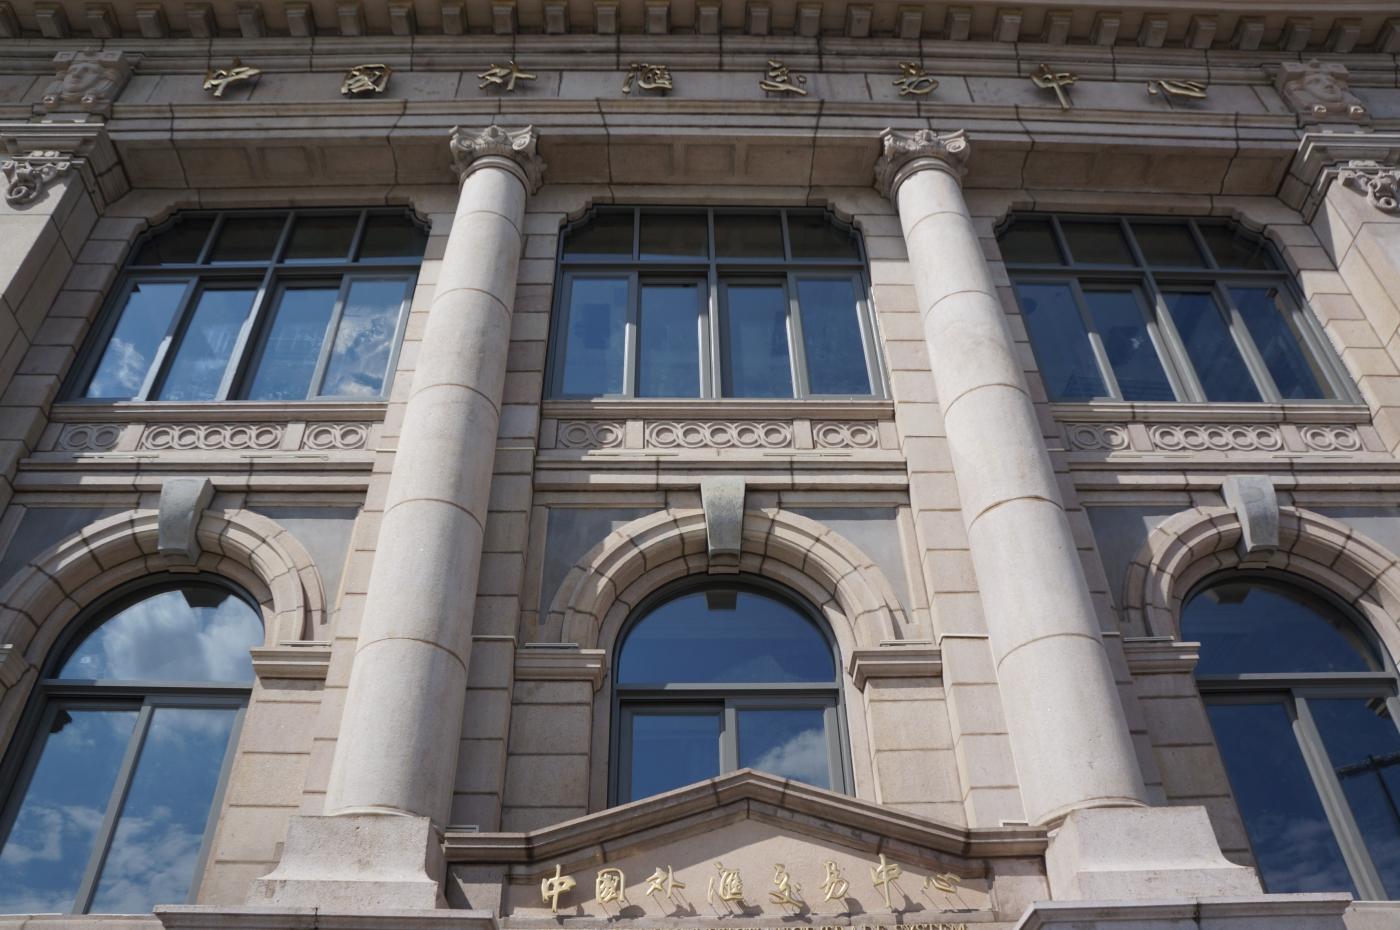 近处看华俄道胜银行,门廊的两边是塔司干式圆柱,在二层间是中国外汇交图片